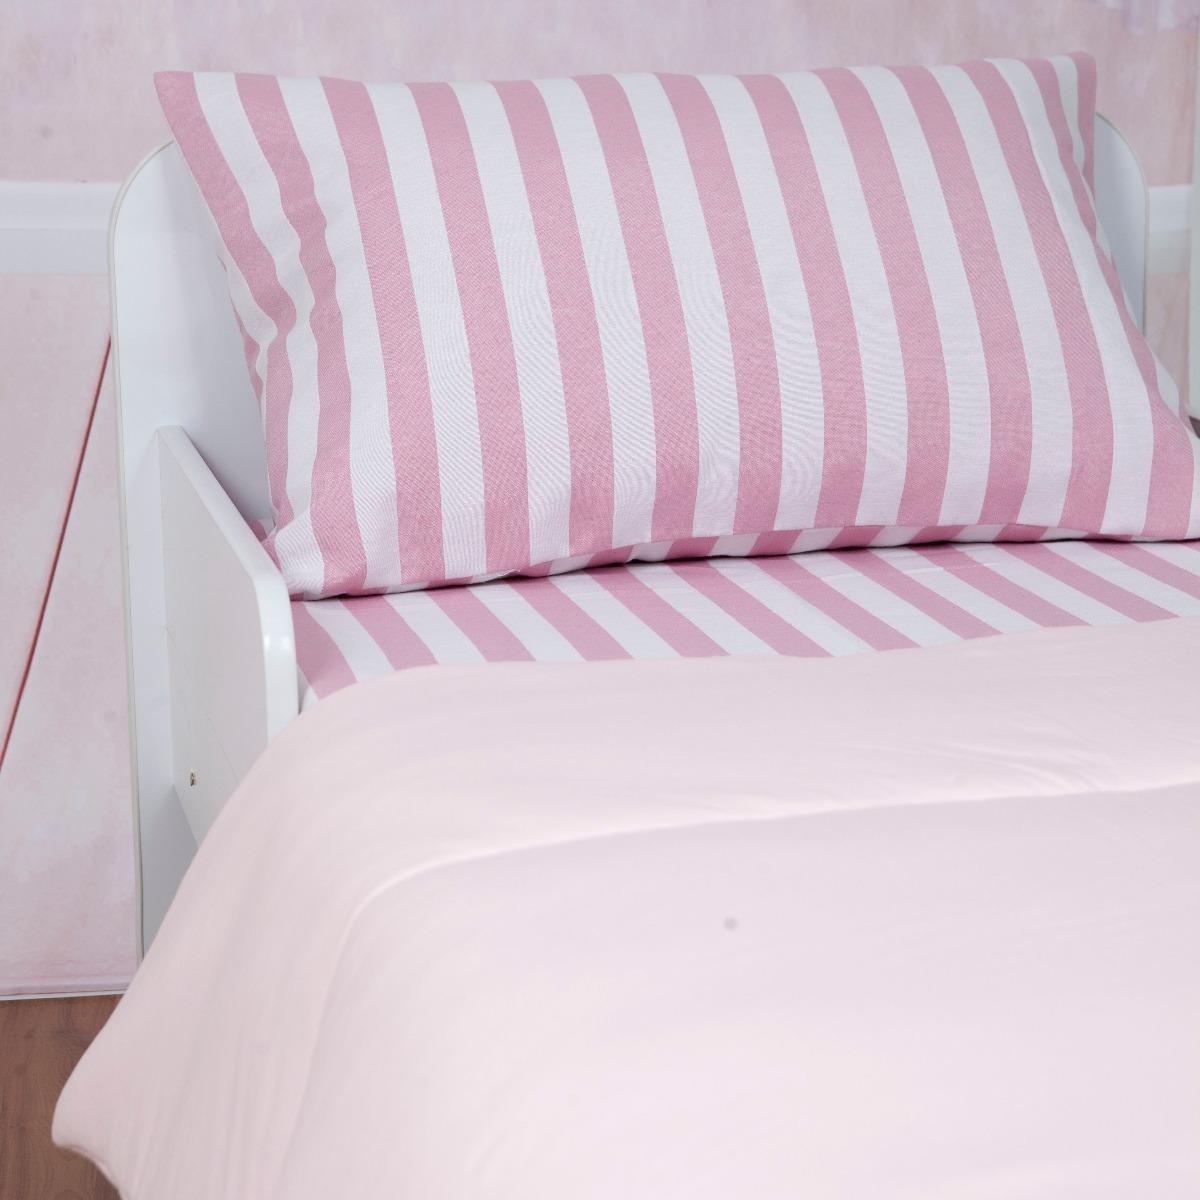 d3e8a28fd8 jogo de lençol e edredom mini cama malha rosa - arrumadinho. Carregando zoom .